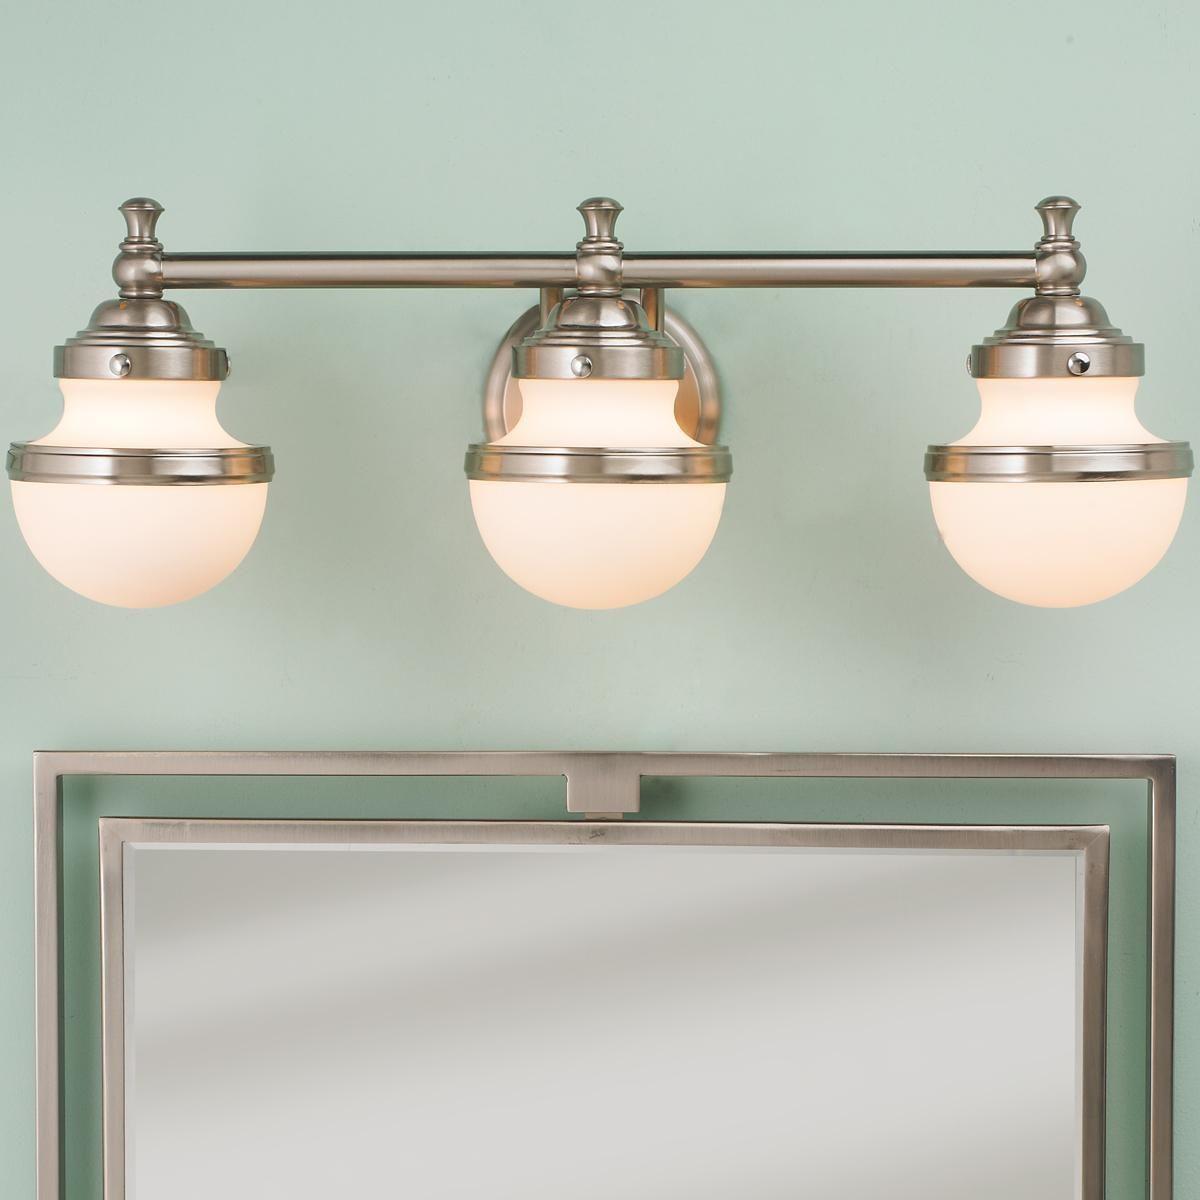 Retro Shade Bath Light 3 Light Contemporary Bathroom Lighting Modern Bathroom Lighting Vintage Bathroom Lighting